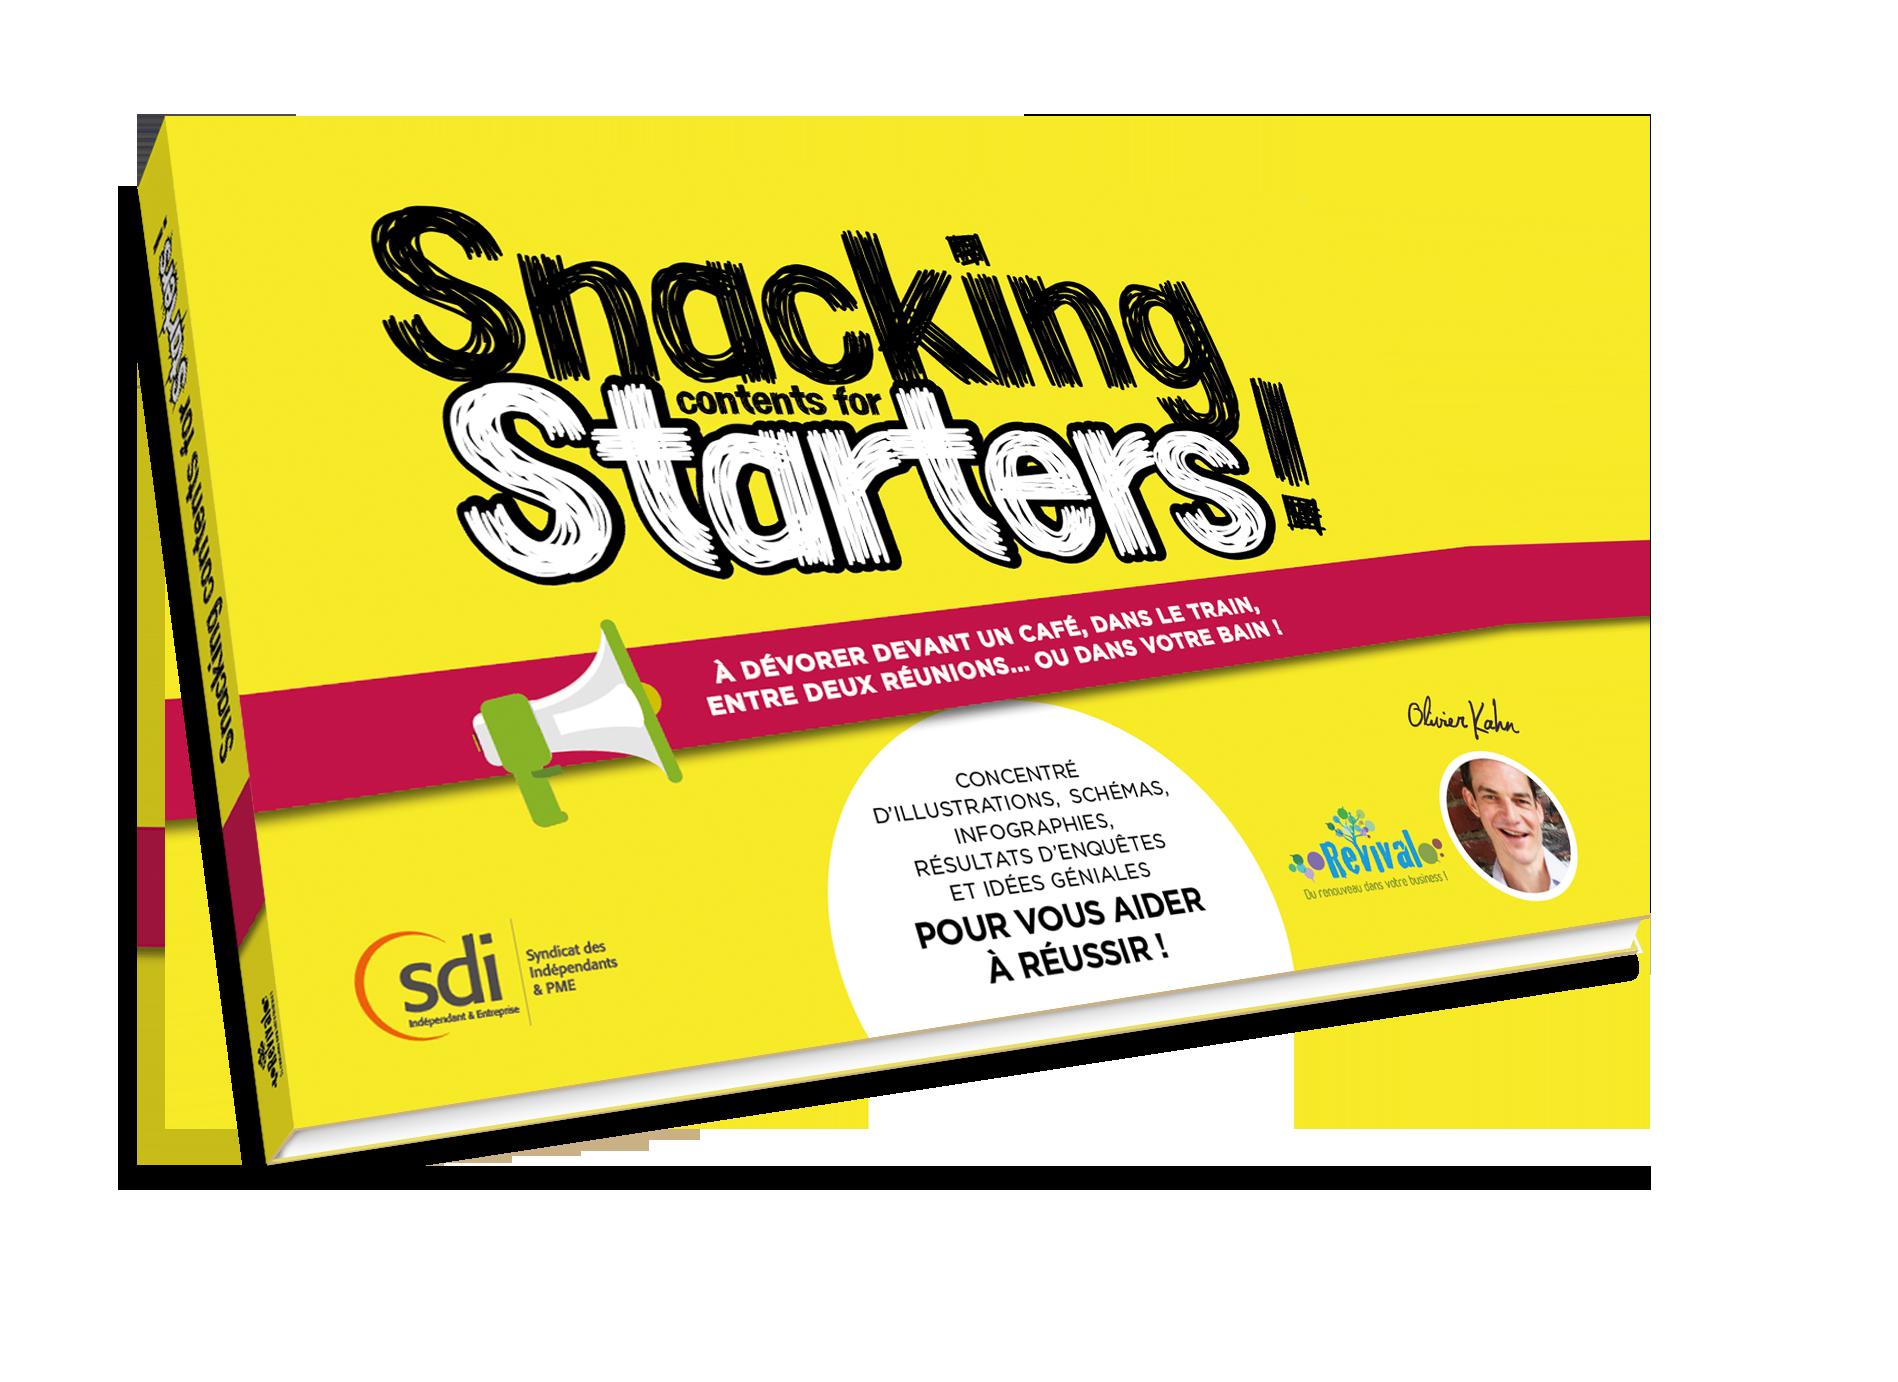 Snacking contents for starters livre revival business sdi federation patronale interprofessionnelle conseils nouveaux entrepreneurs